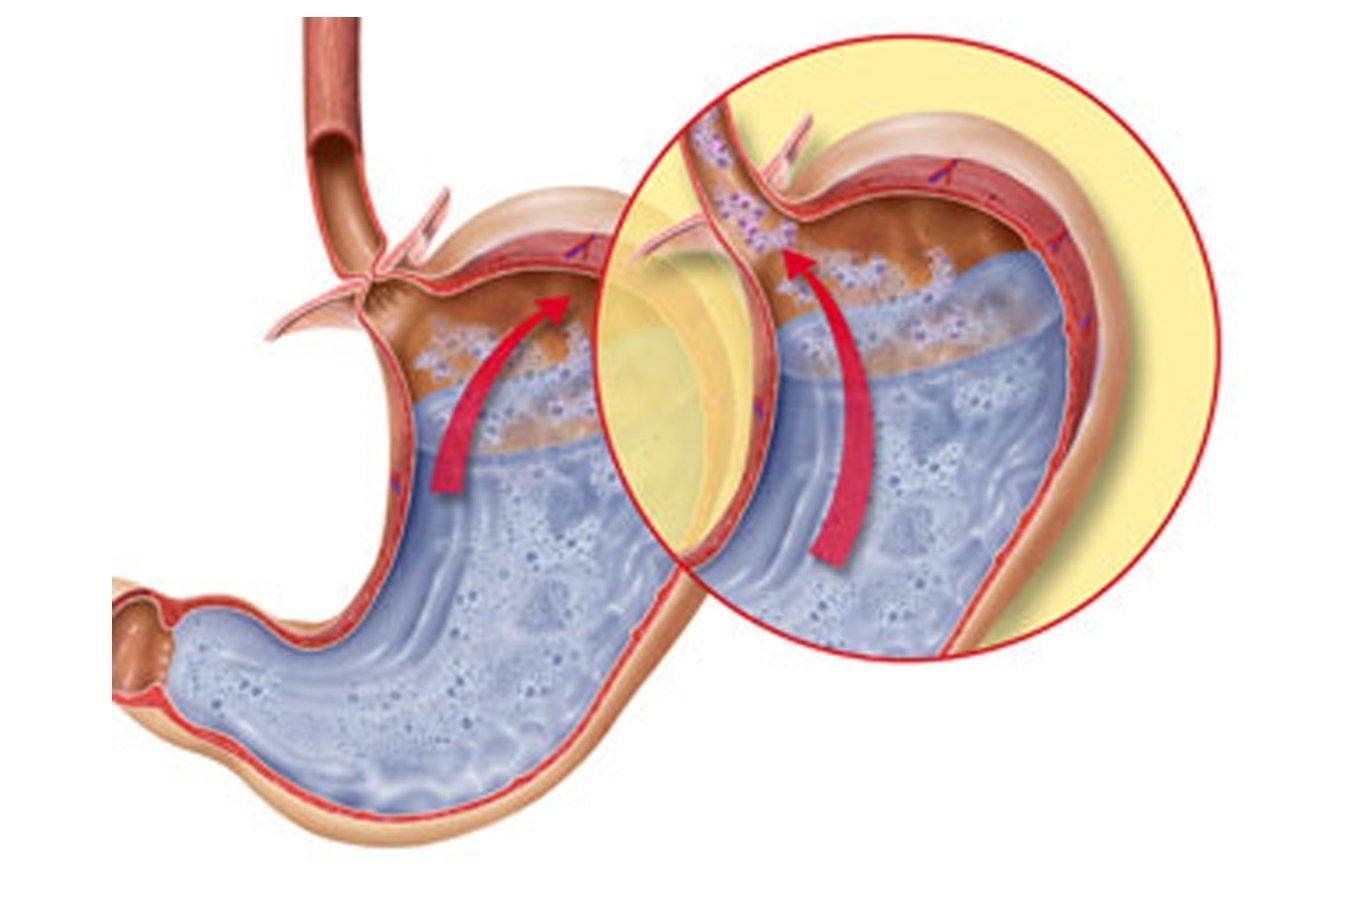 Эрозивный эзофагит пищевода: лечение, симптомы, диета